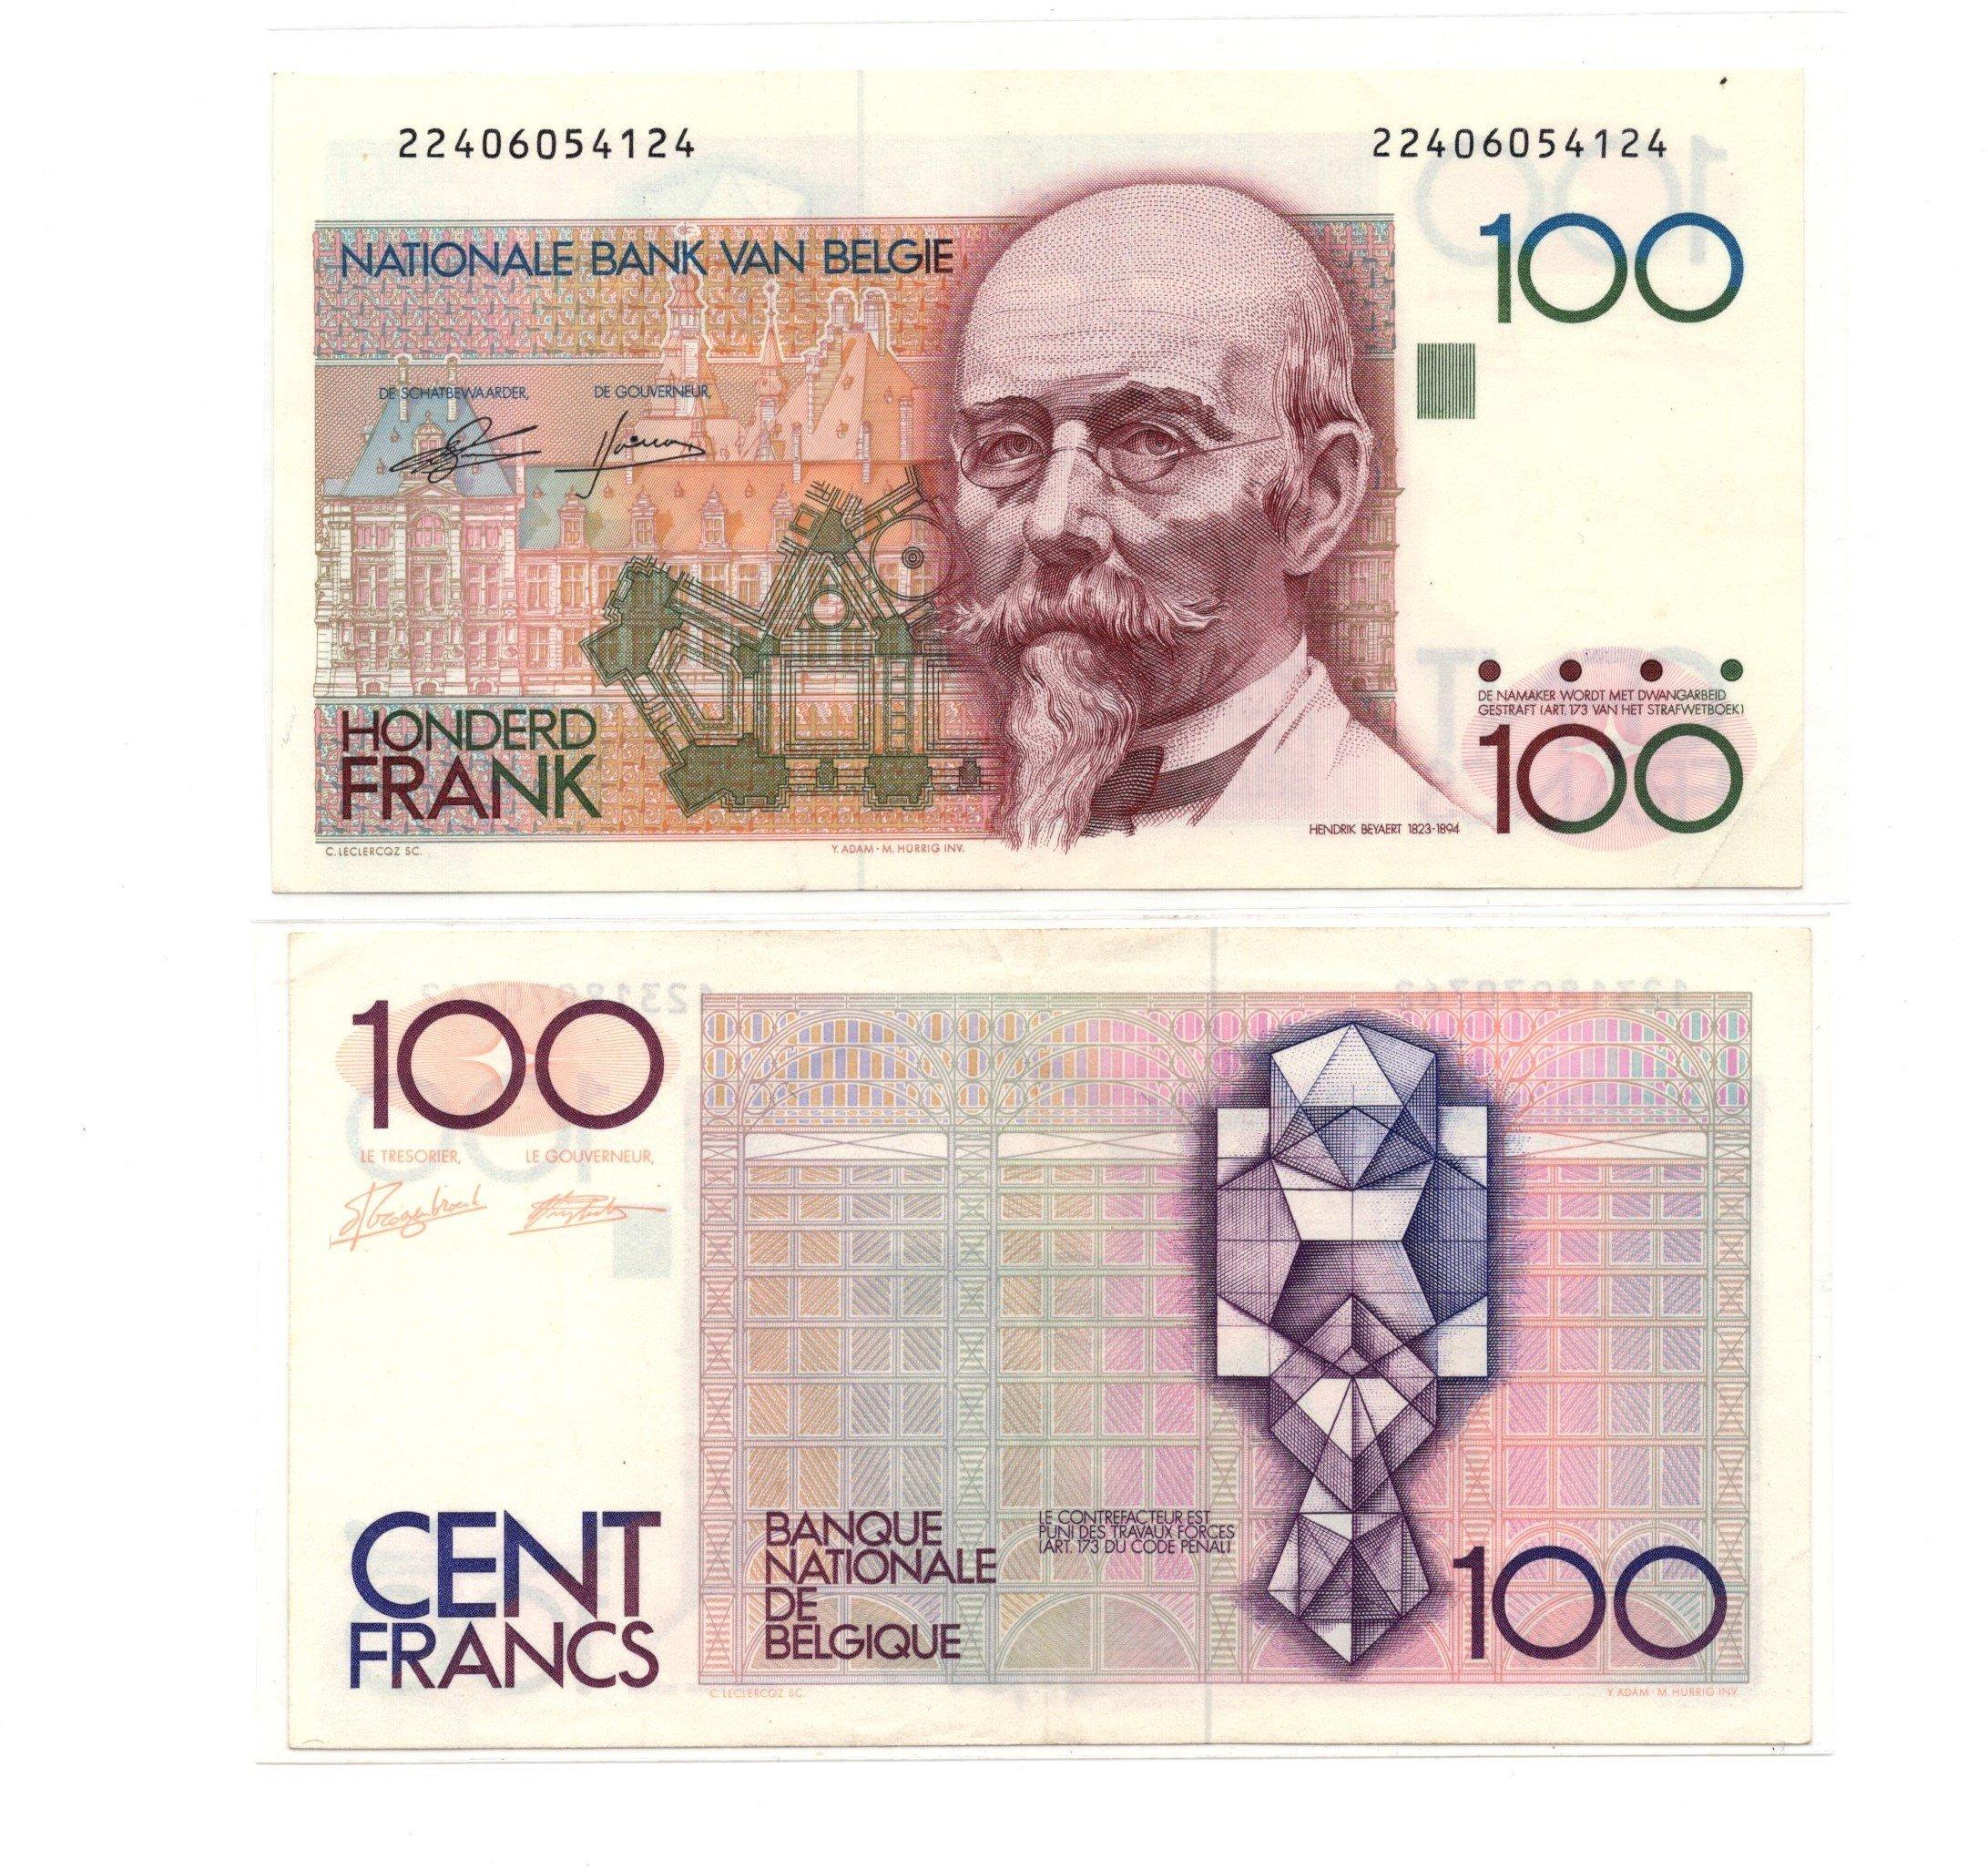 belfium 100 francs